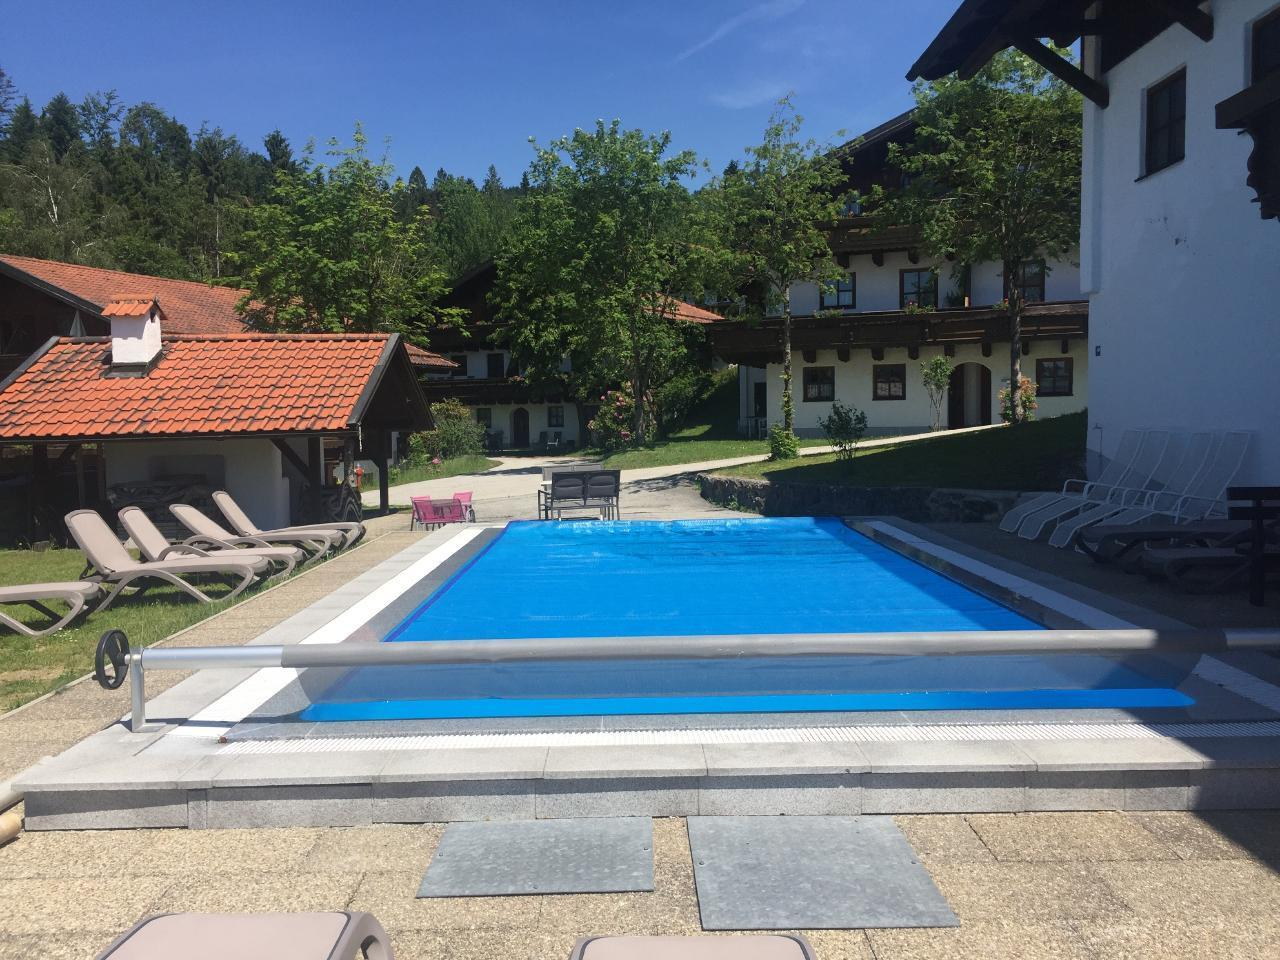 Ferienwohnung Große Ferienwohnung mit Pool, Schwimmbad und Sauna (1150916), Hauzenberg, Bayerischer Wald, Bayern, Deutschland, Bild 28